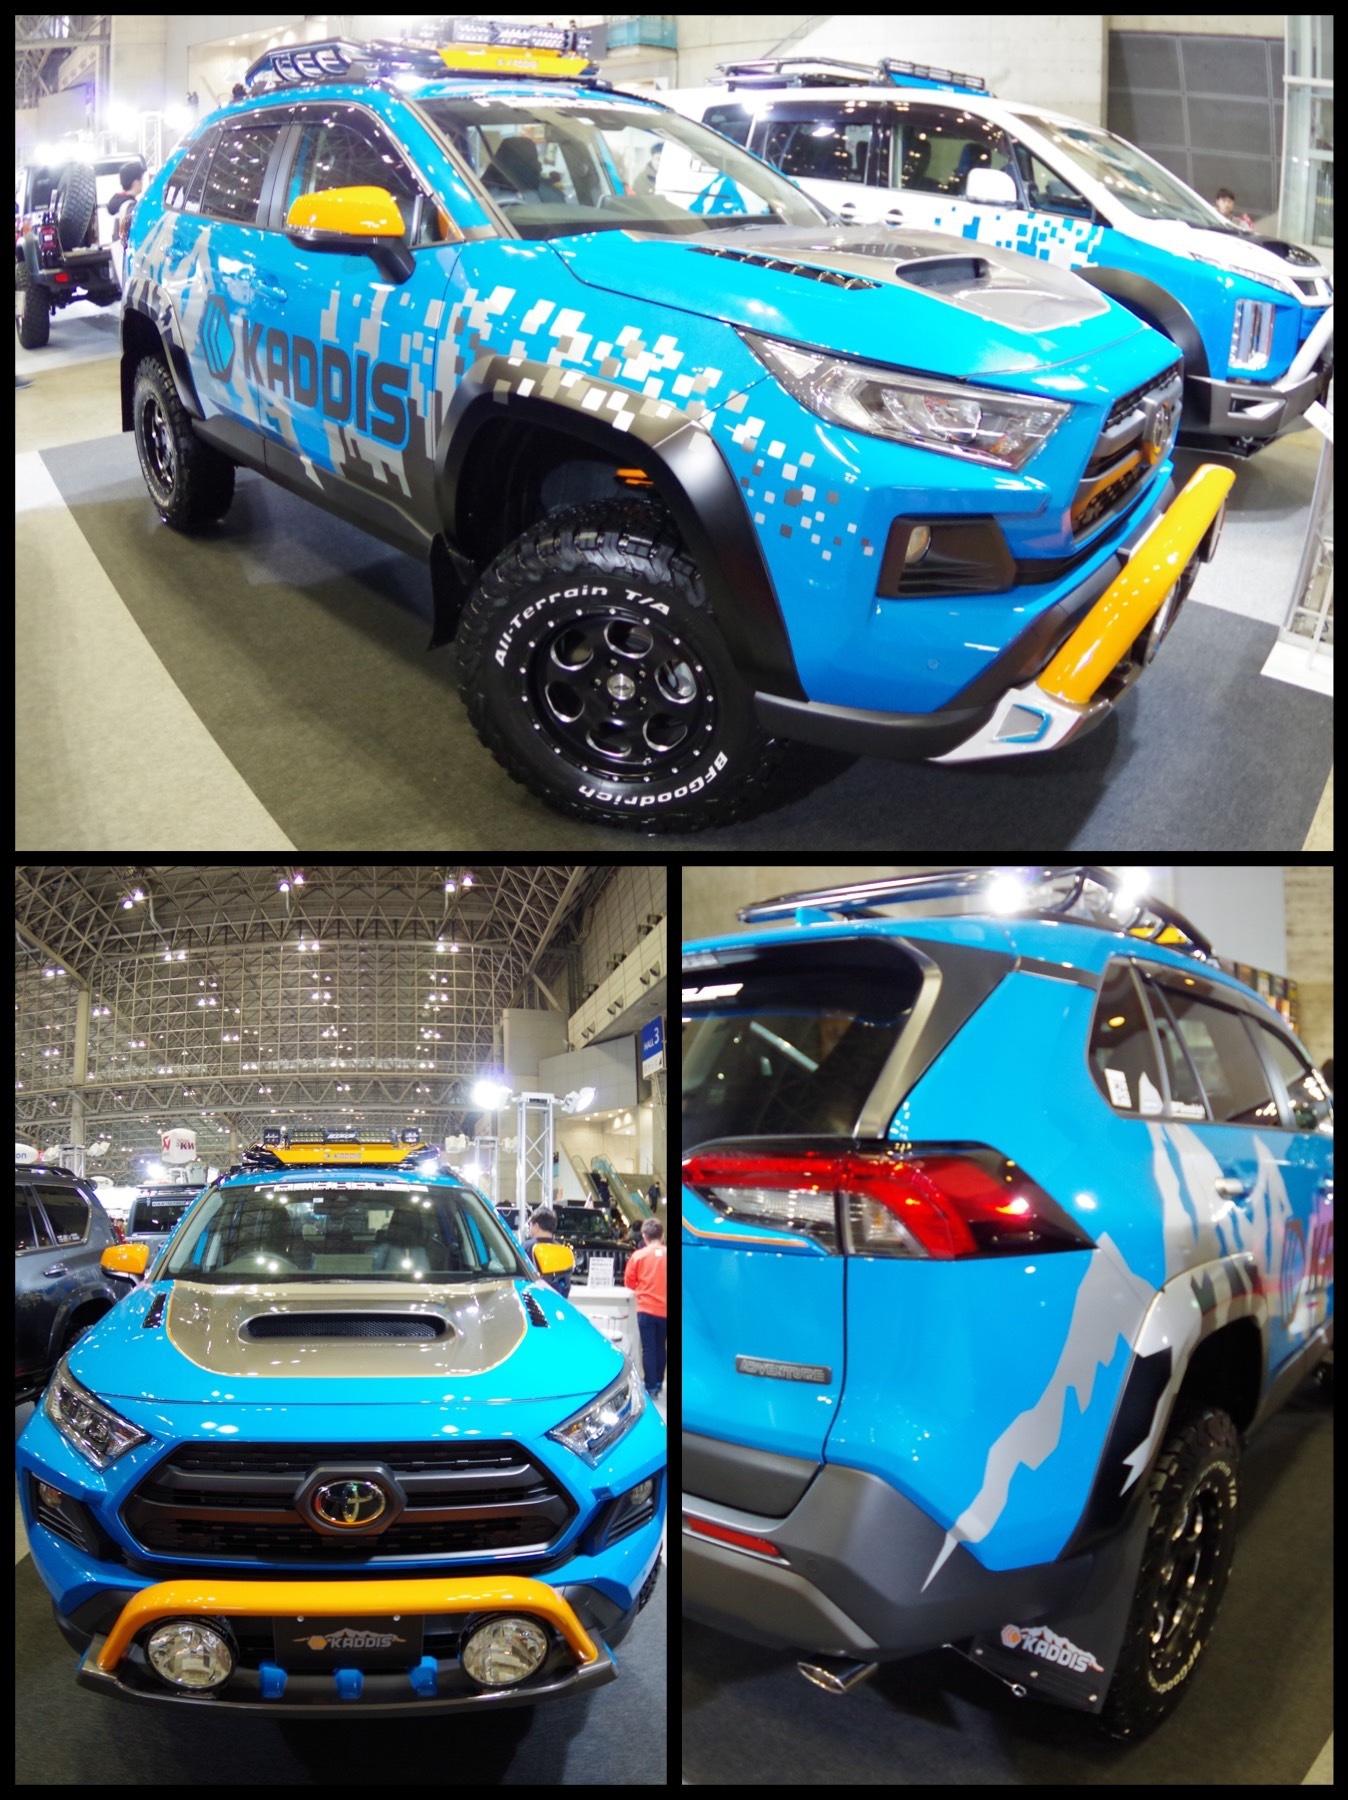 RAV4 カスタムカー by Kaddis エクストリーム 東京オートサロン2020